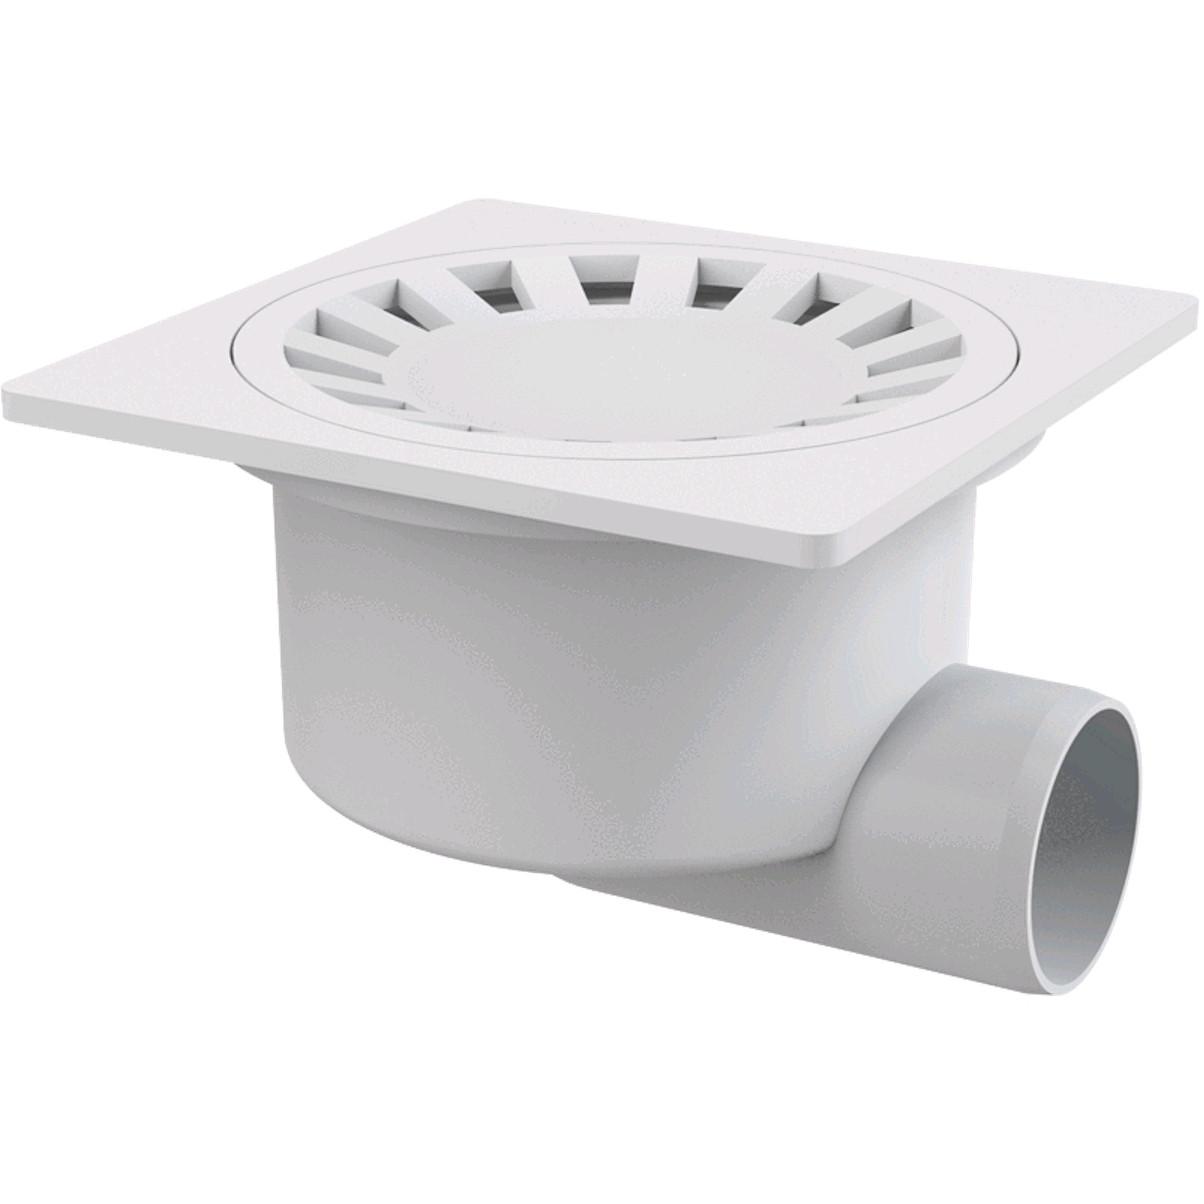 Сливной трап 150x150/50, подводка–боковая, решетка–белая, гидрозатвор–мокрый